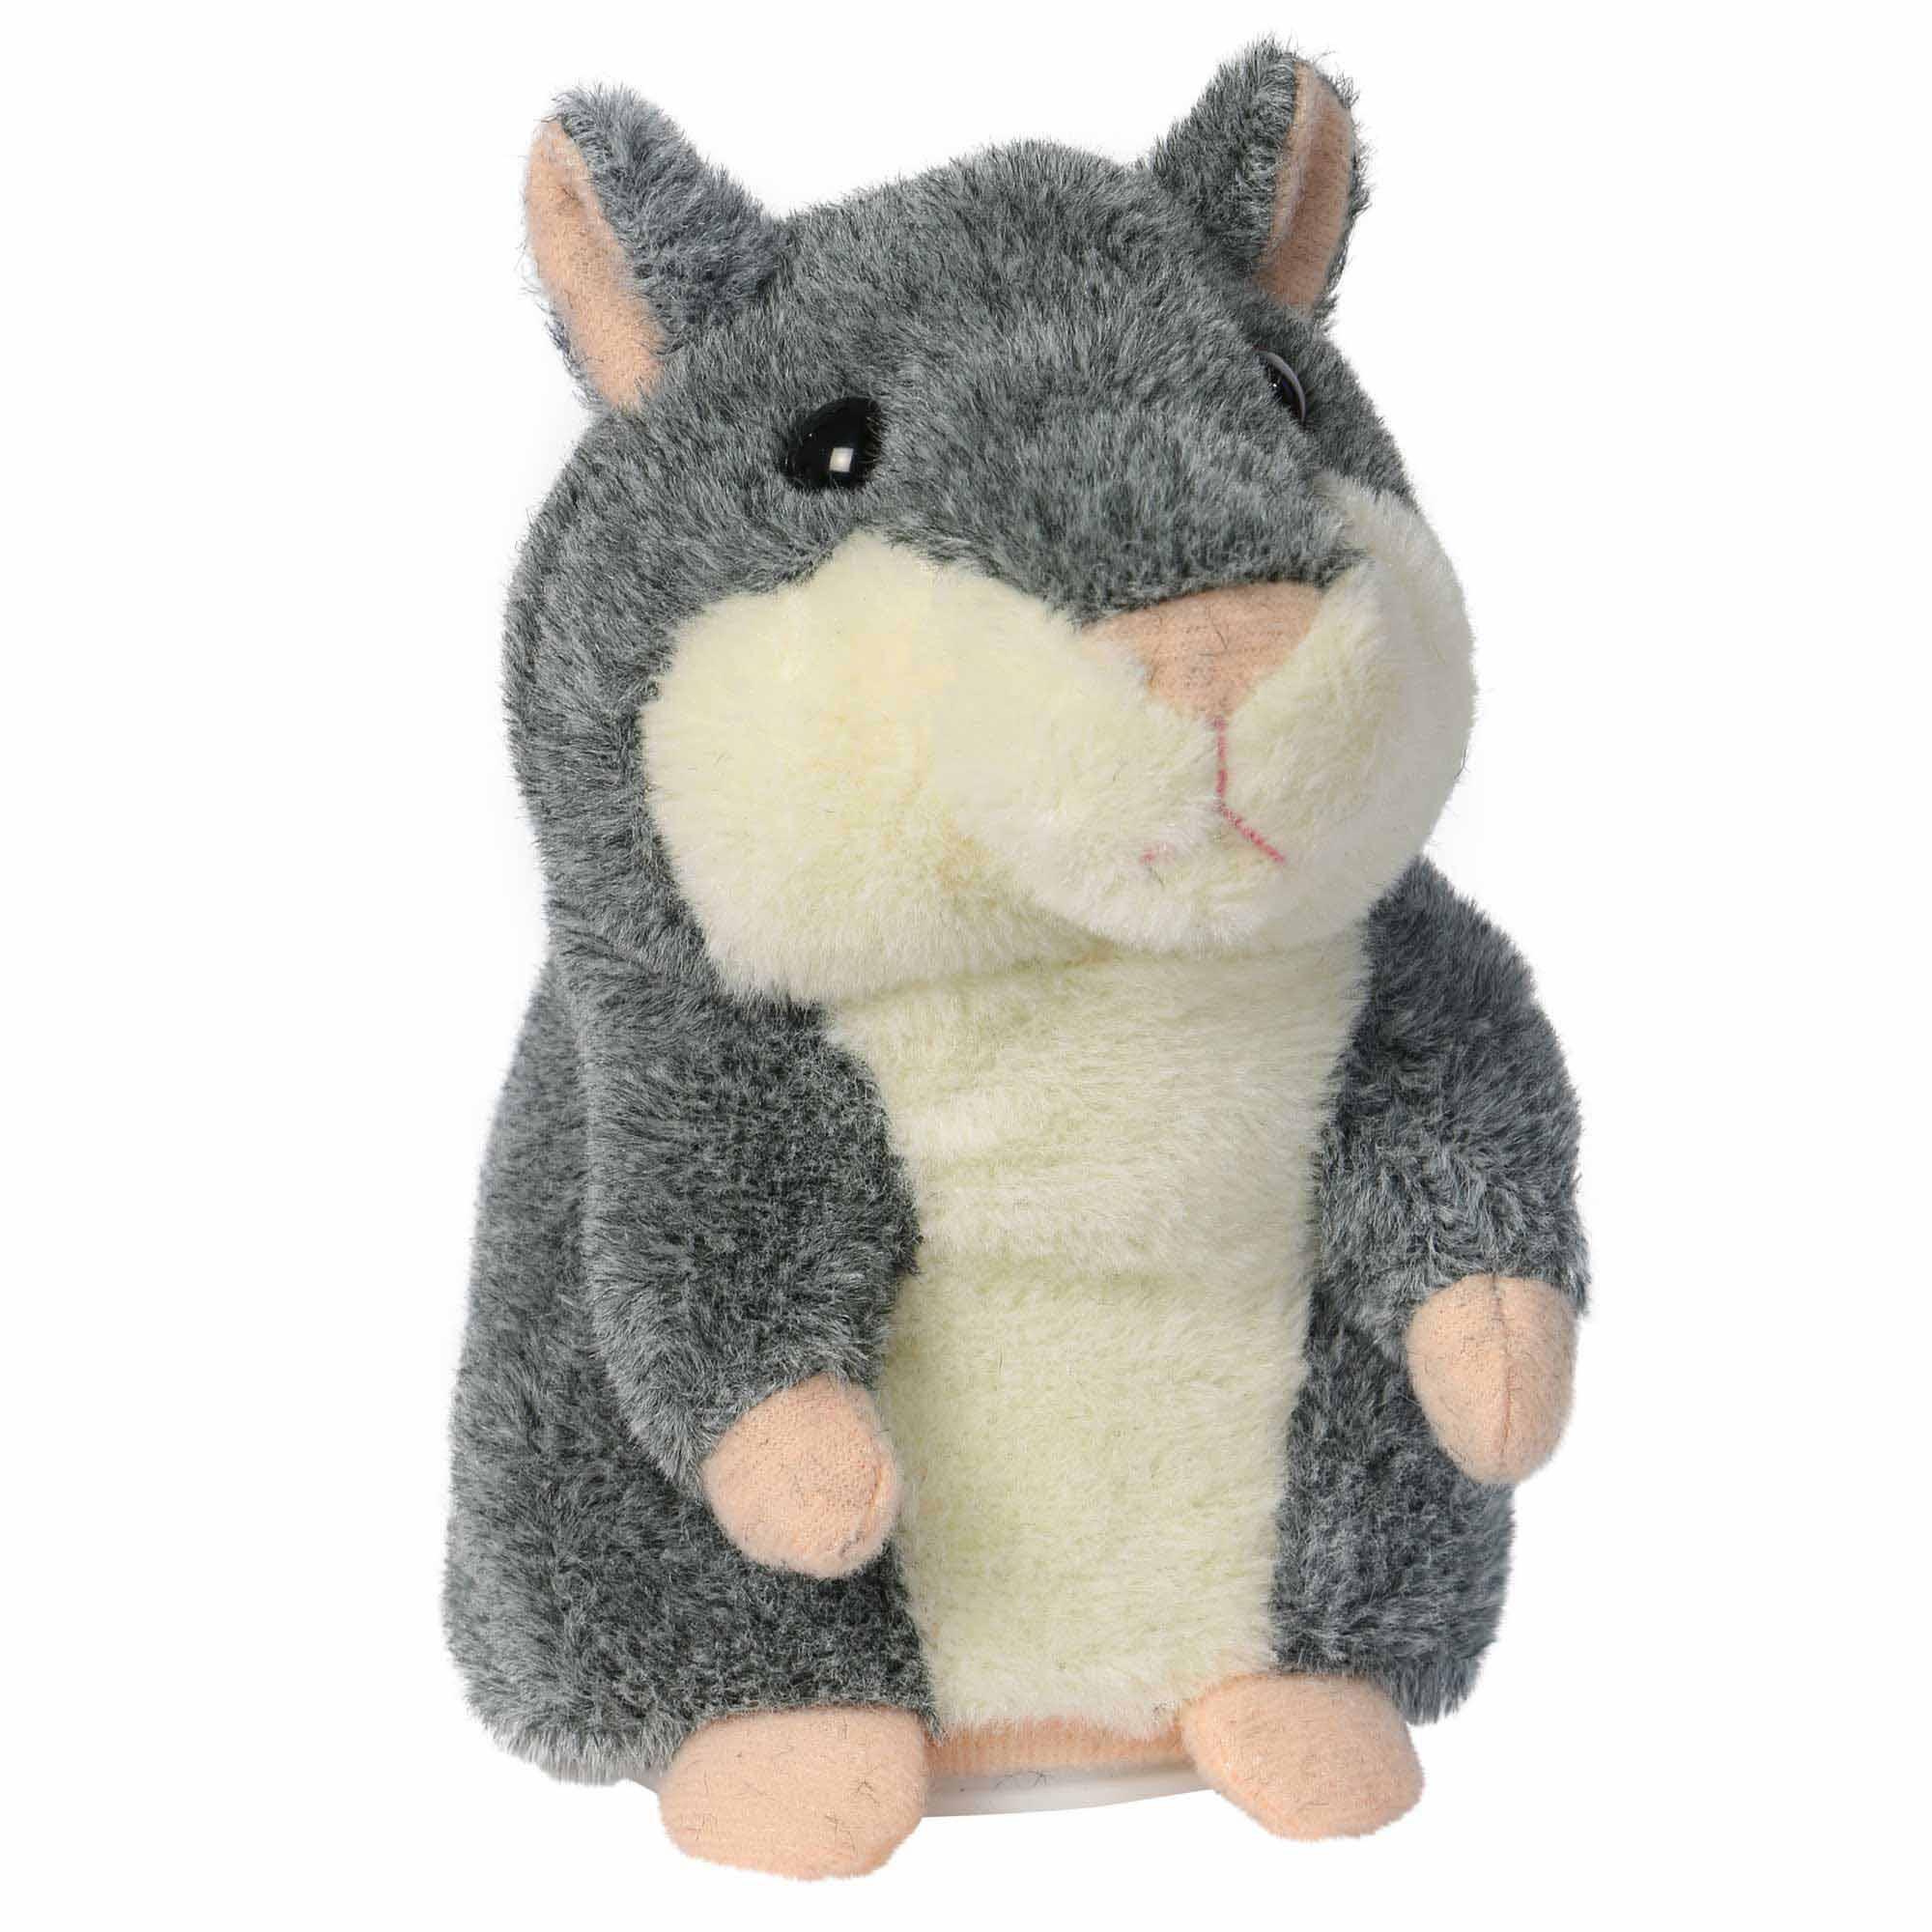 Sprechender Hamster grau, spricht alles nach